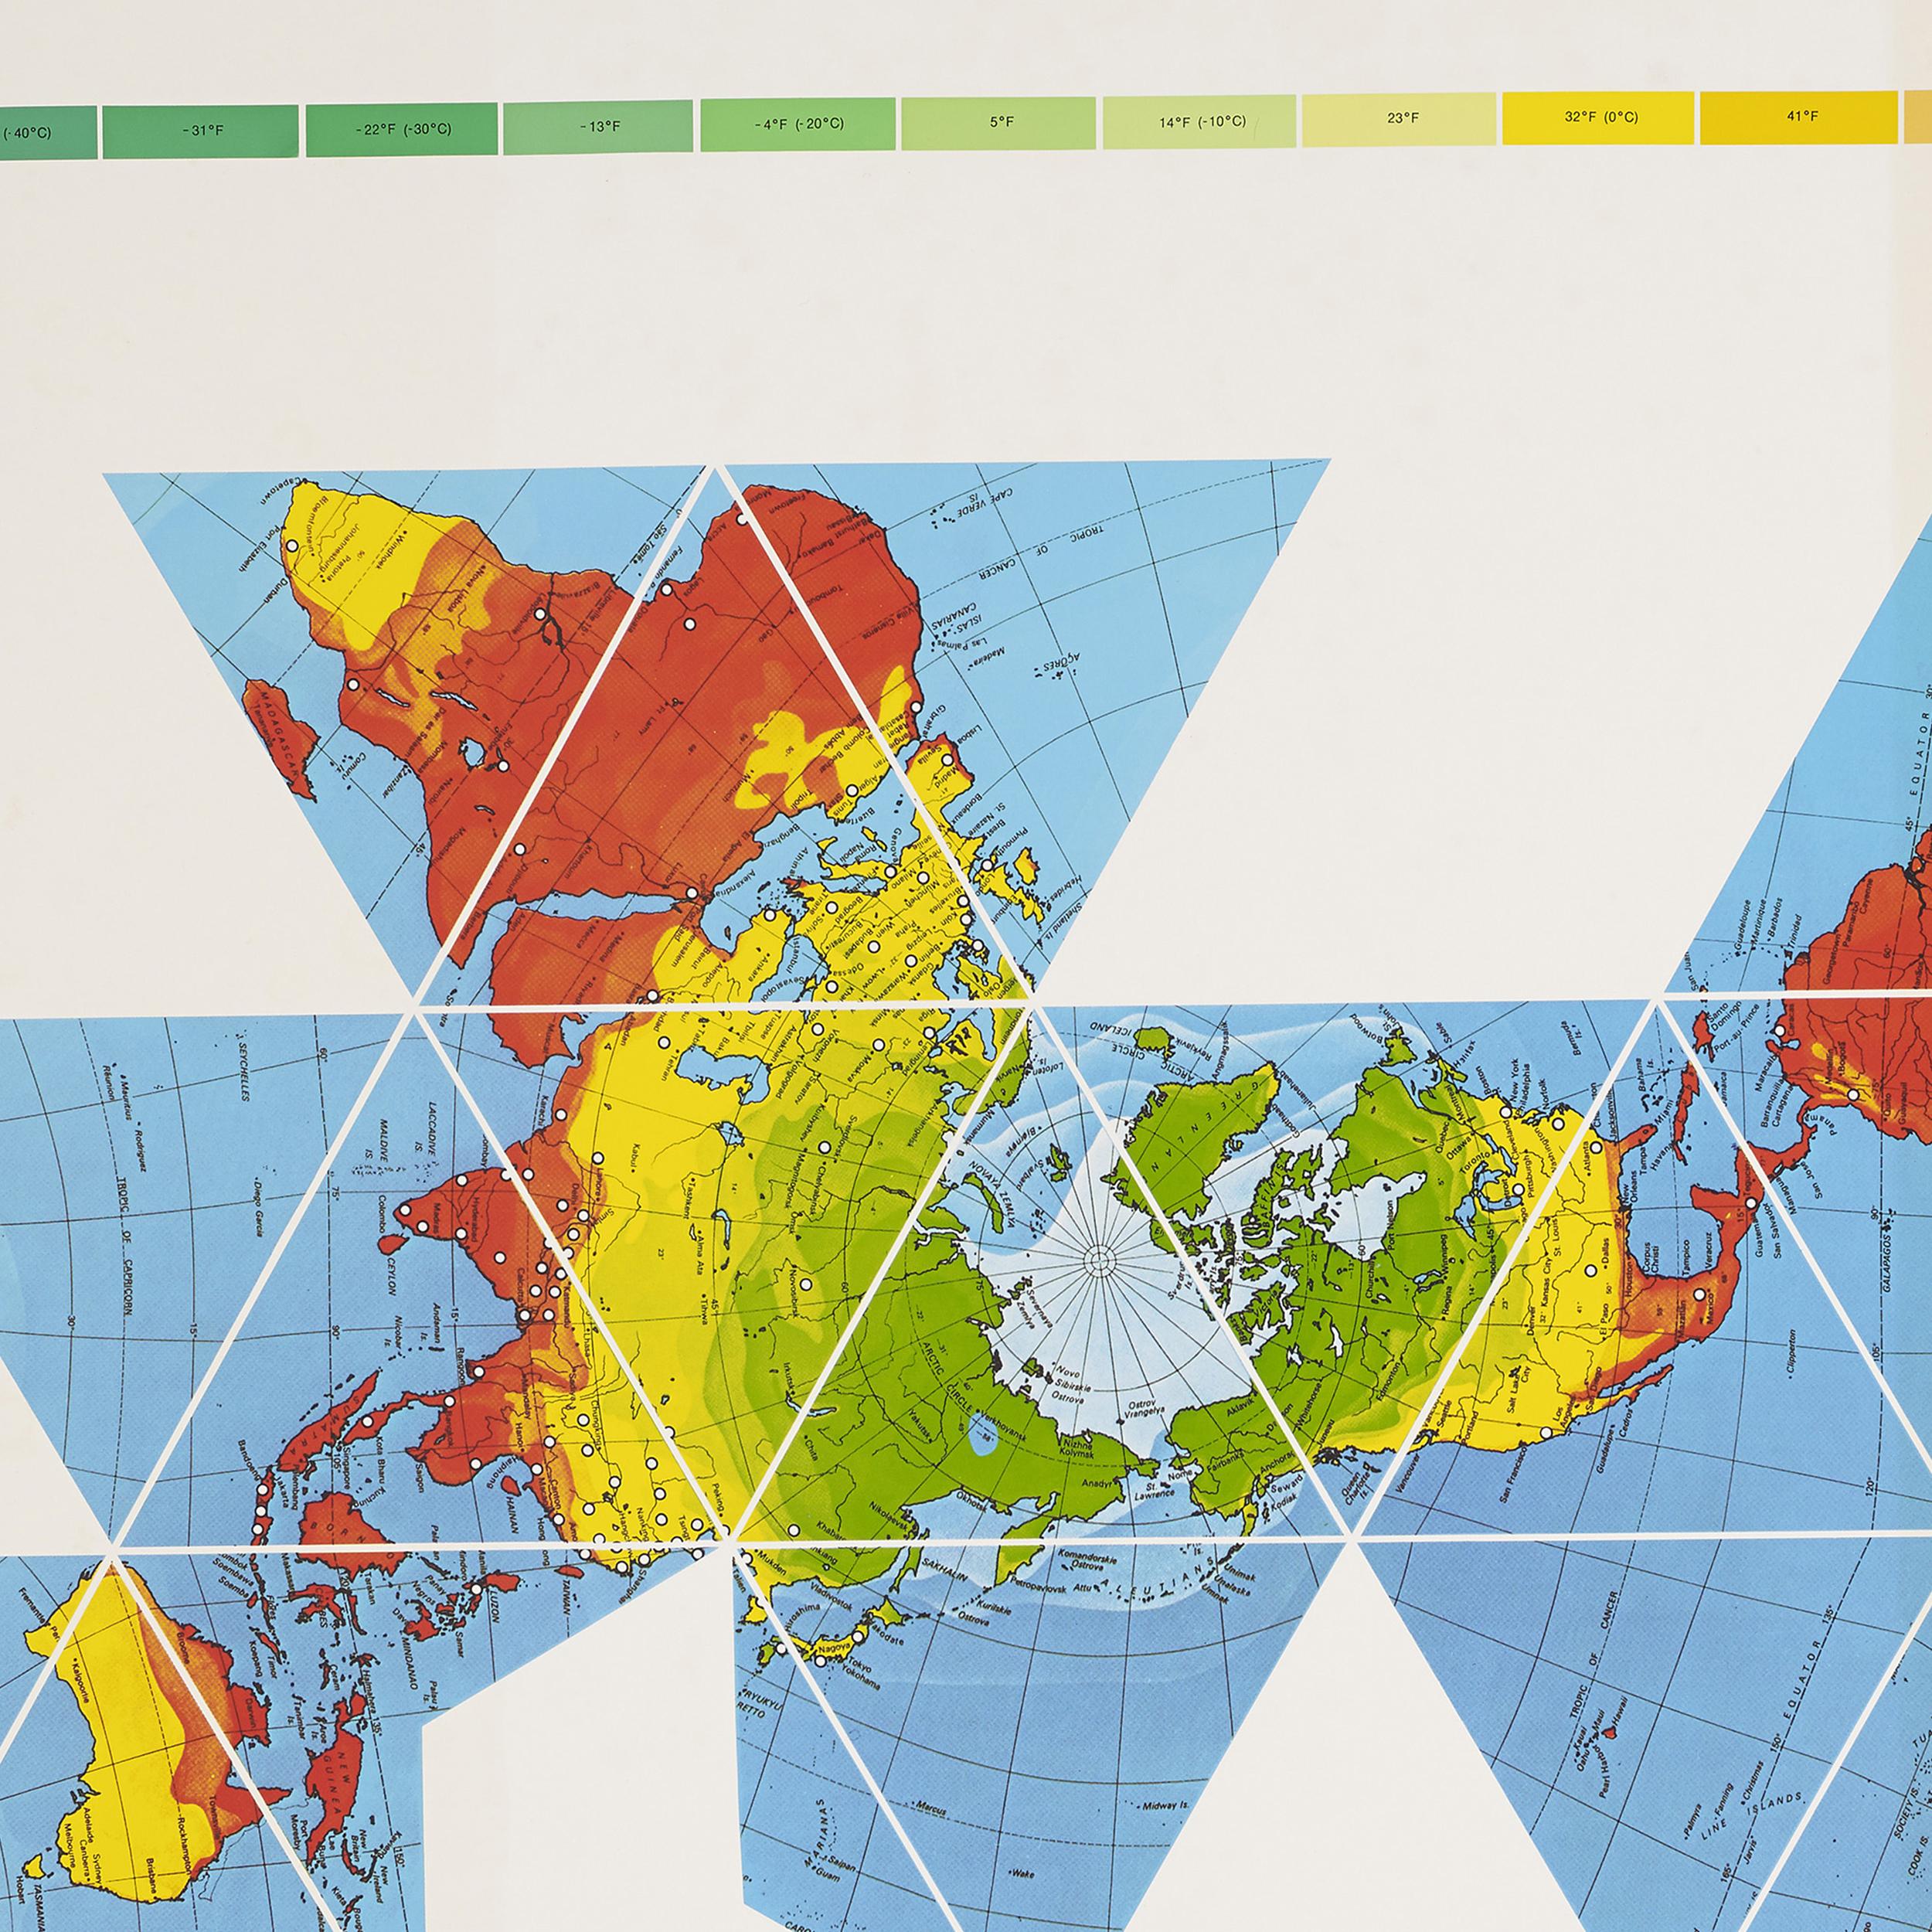 Dymaxion World Map